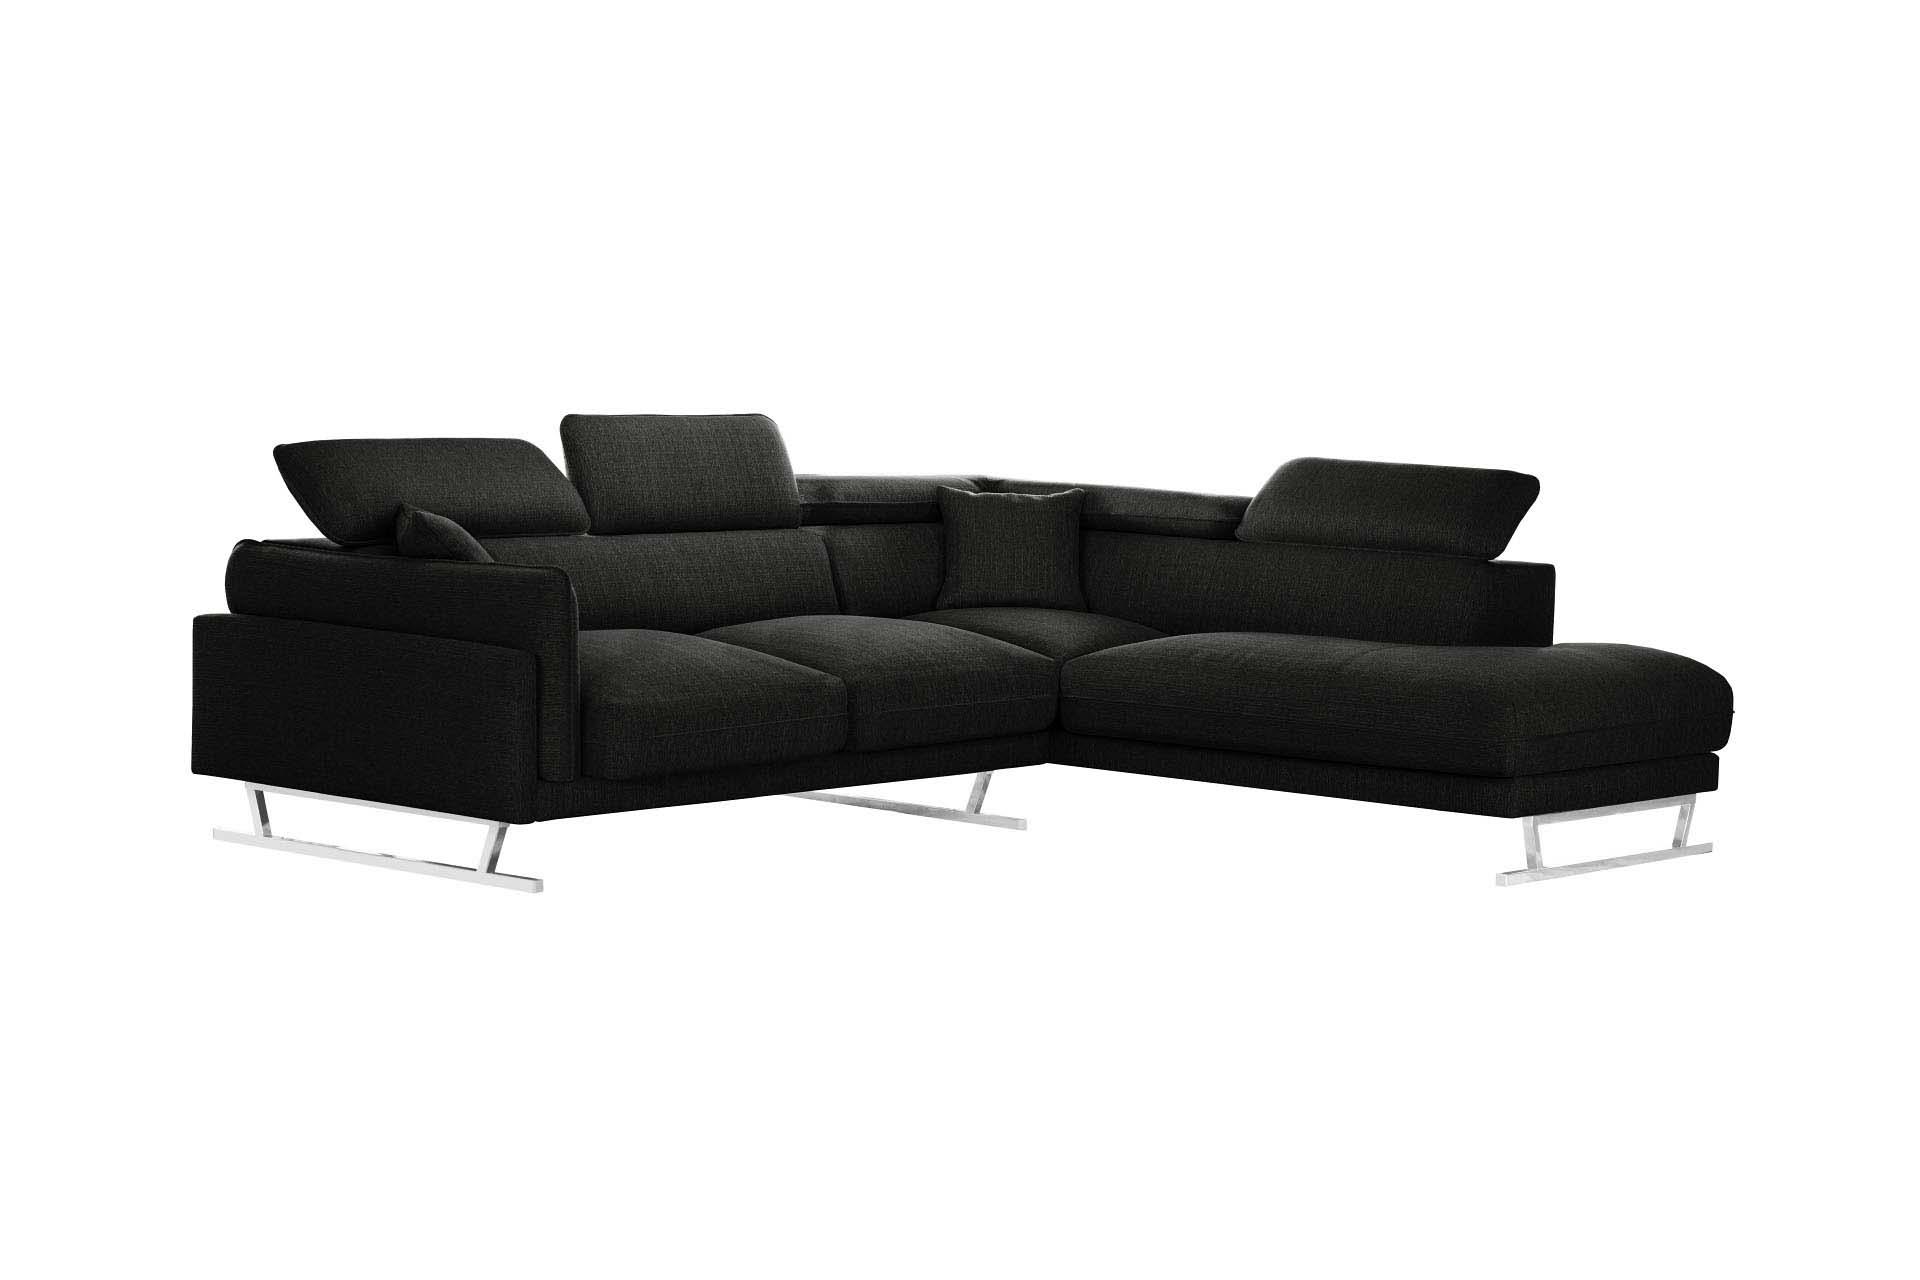 Canapé d'angle 6 places Noir Tissu Luxe Design Confort